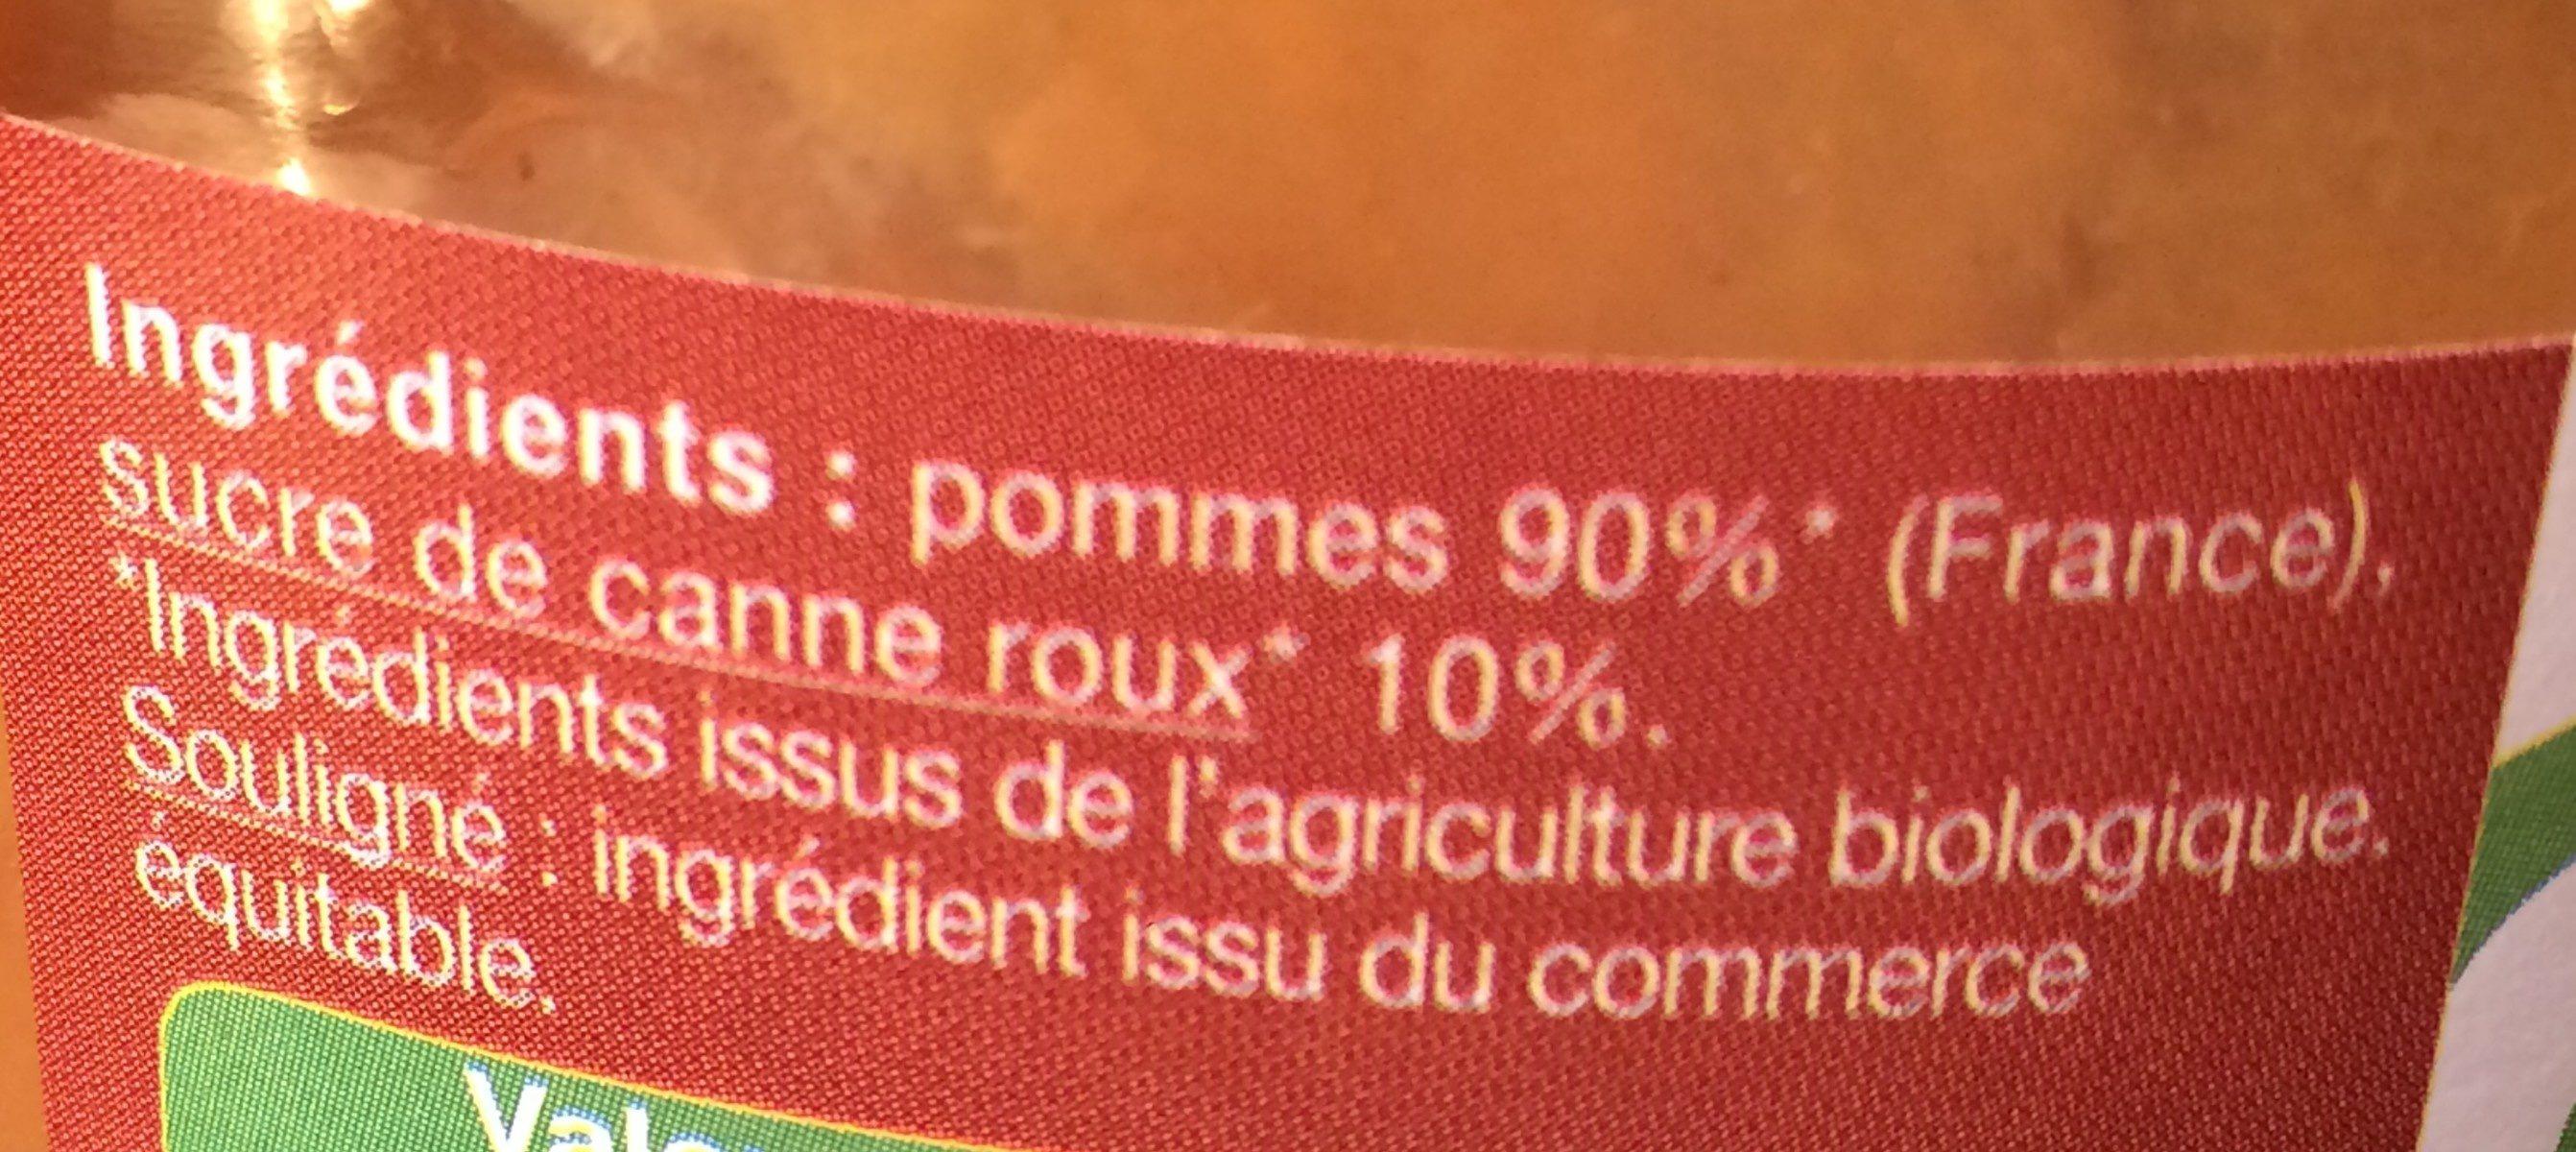 Compote Pommes - Ingrédients - fr